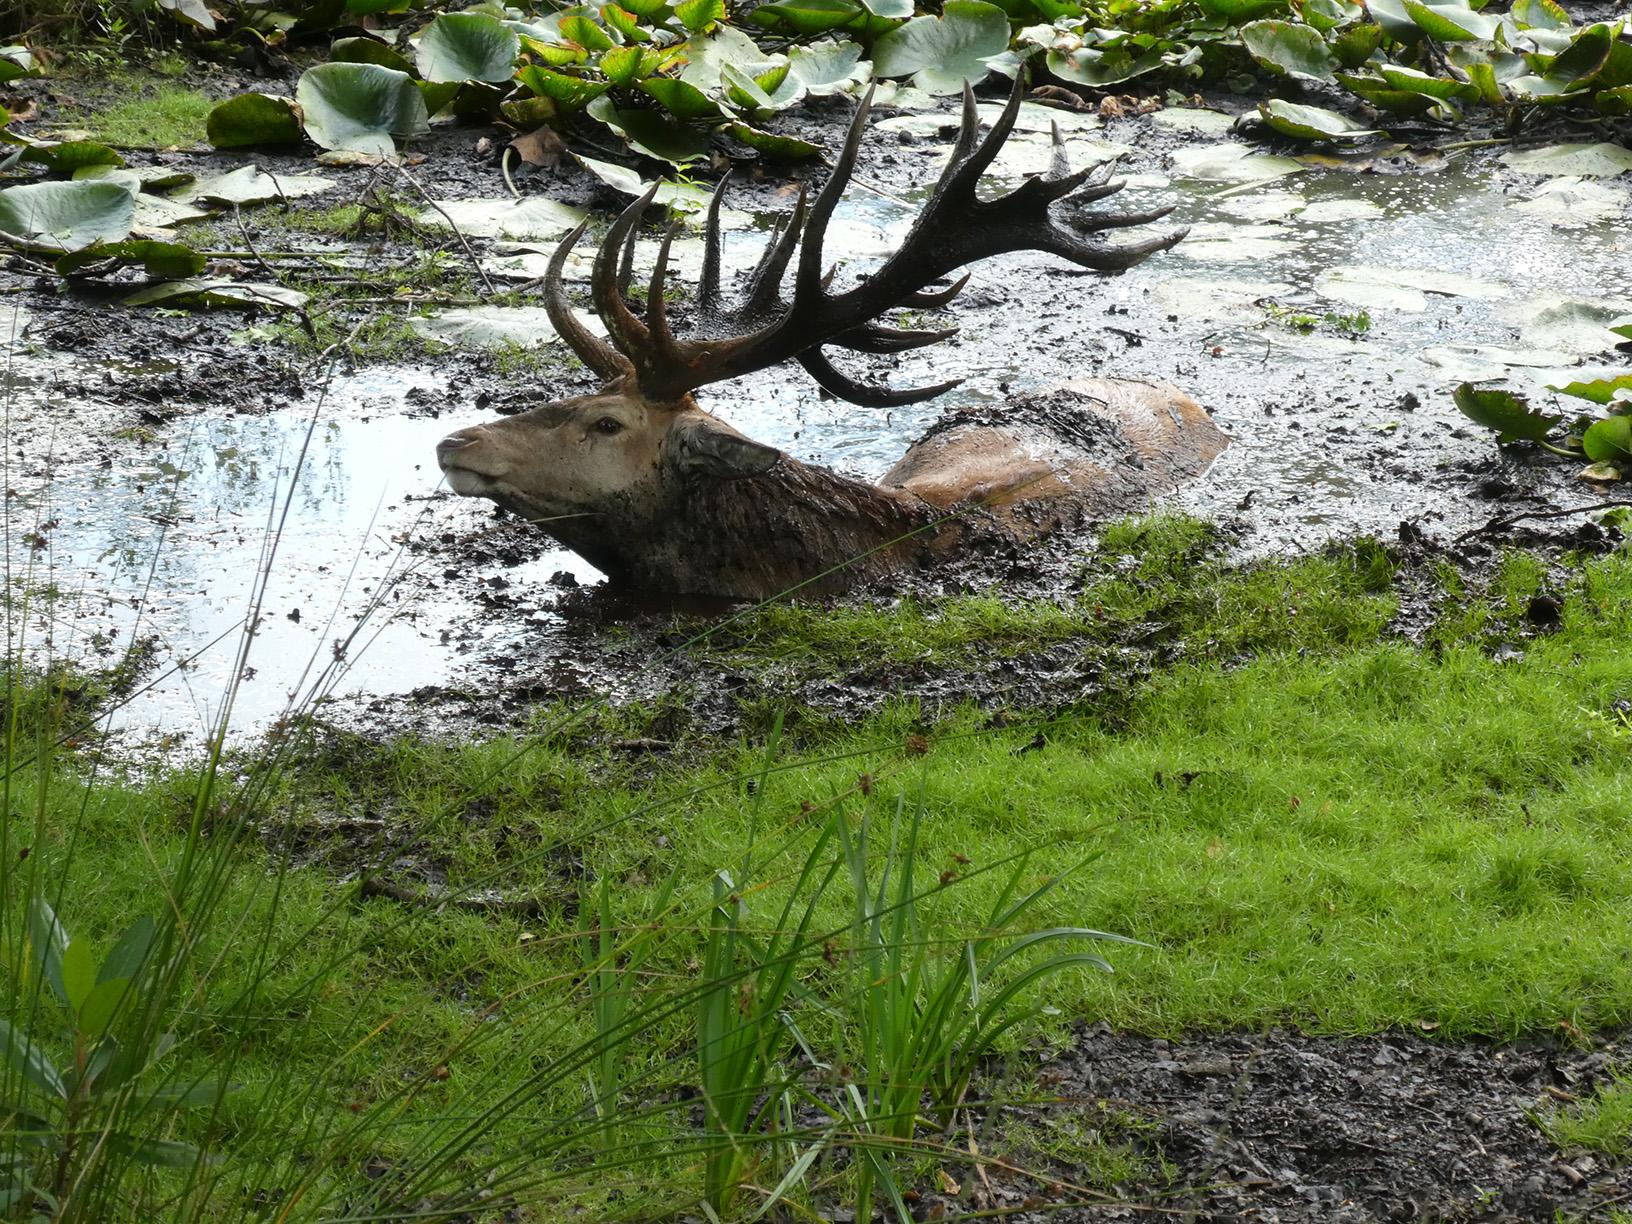 Zo'n heerlijk modderbad is niet te versmaden met die hitte voor Hubertus - Foto: ©Florus van den Berg